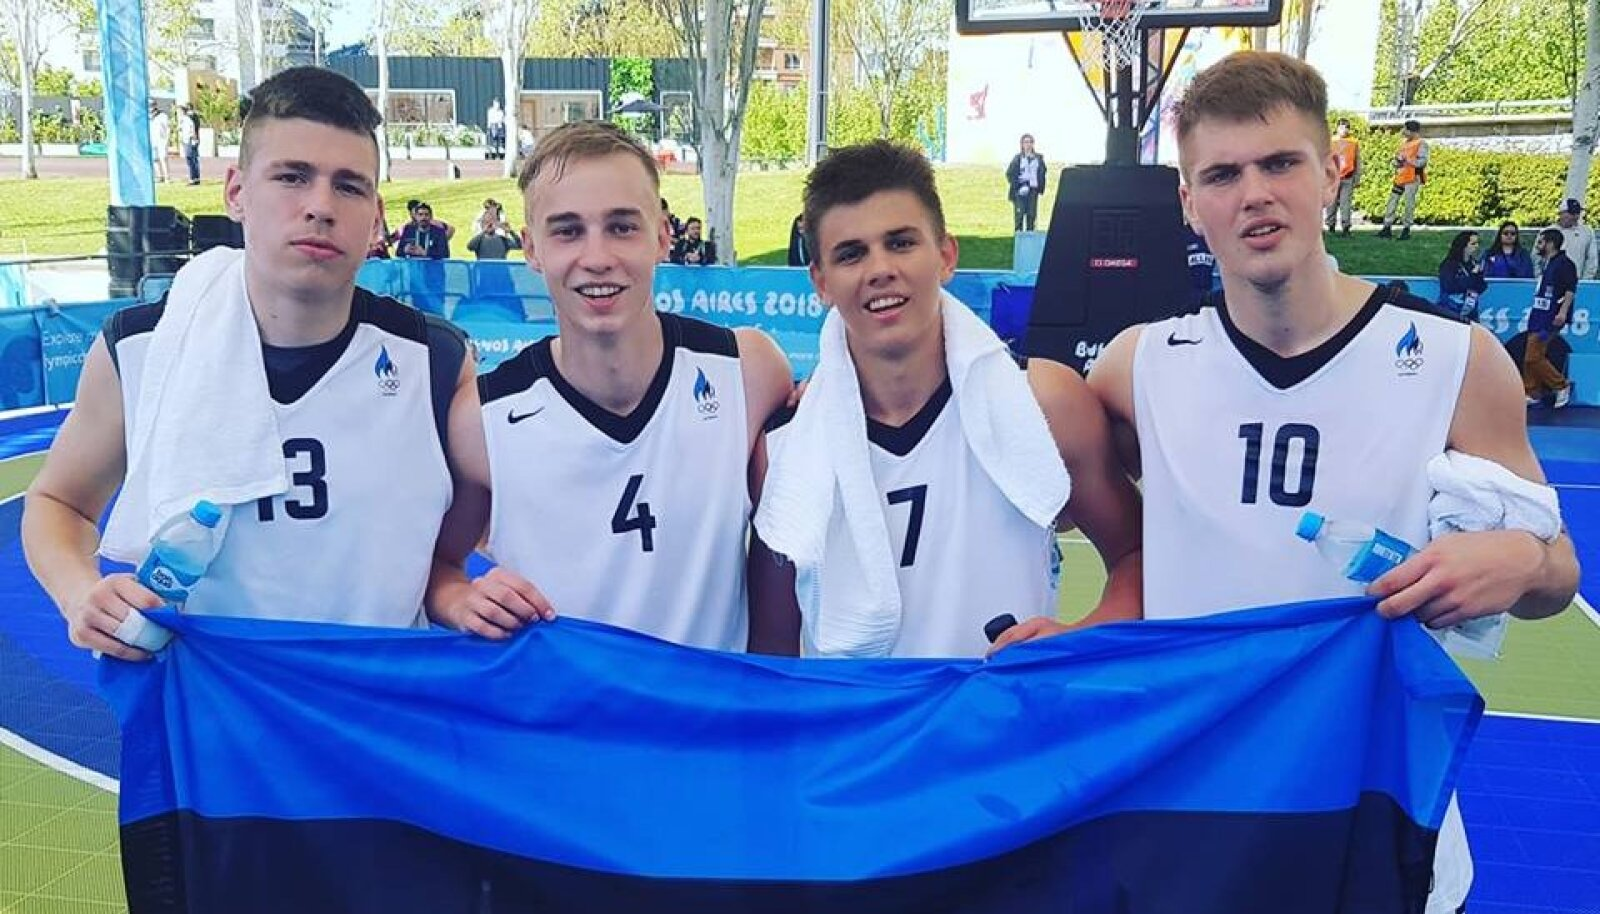 Eesti U18 3x3 korvpallimeeskond.